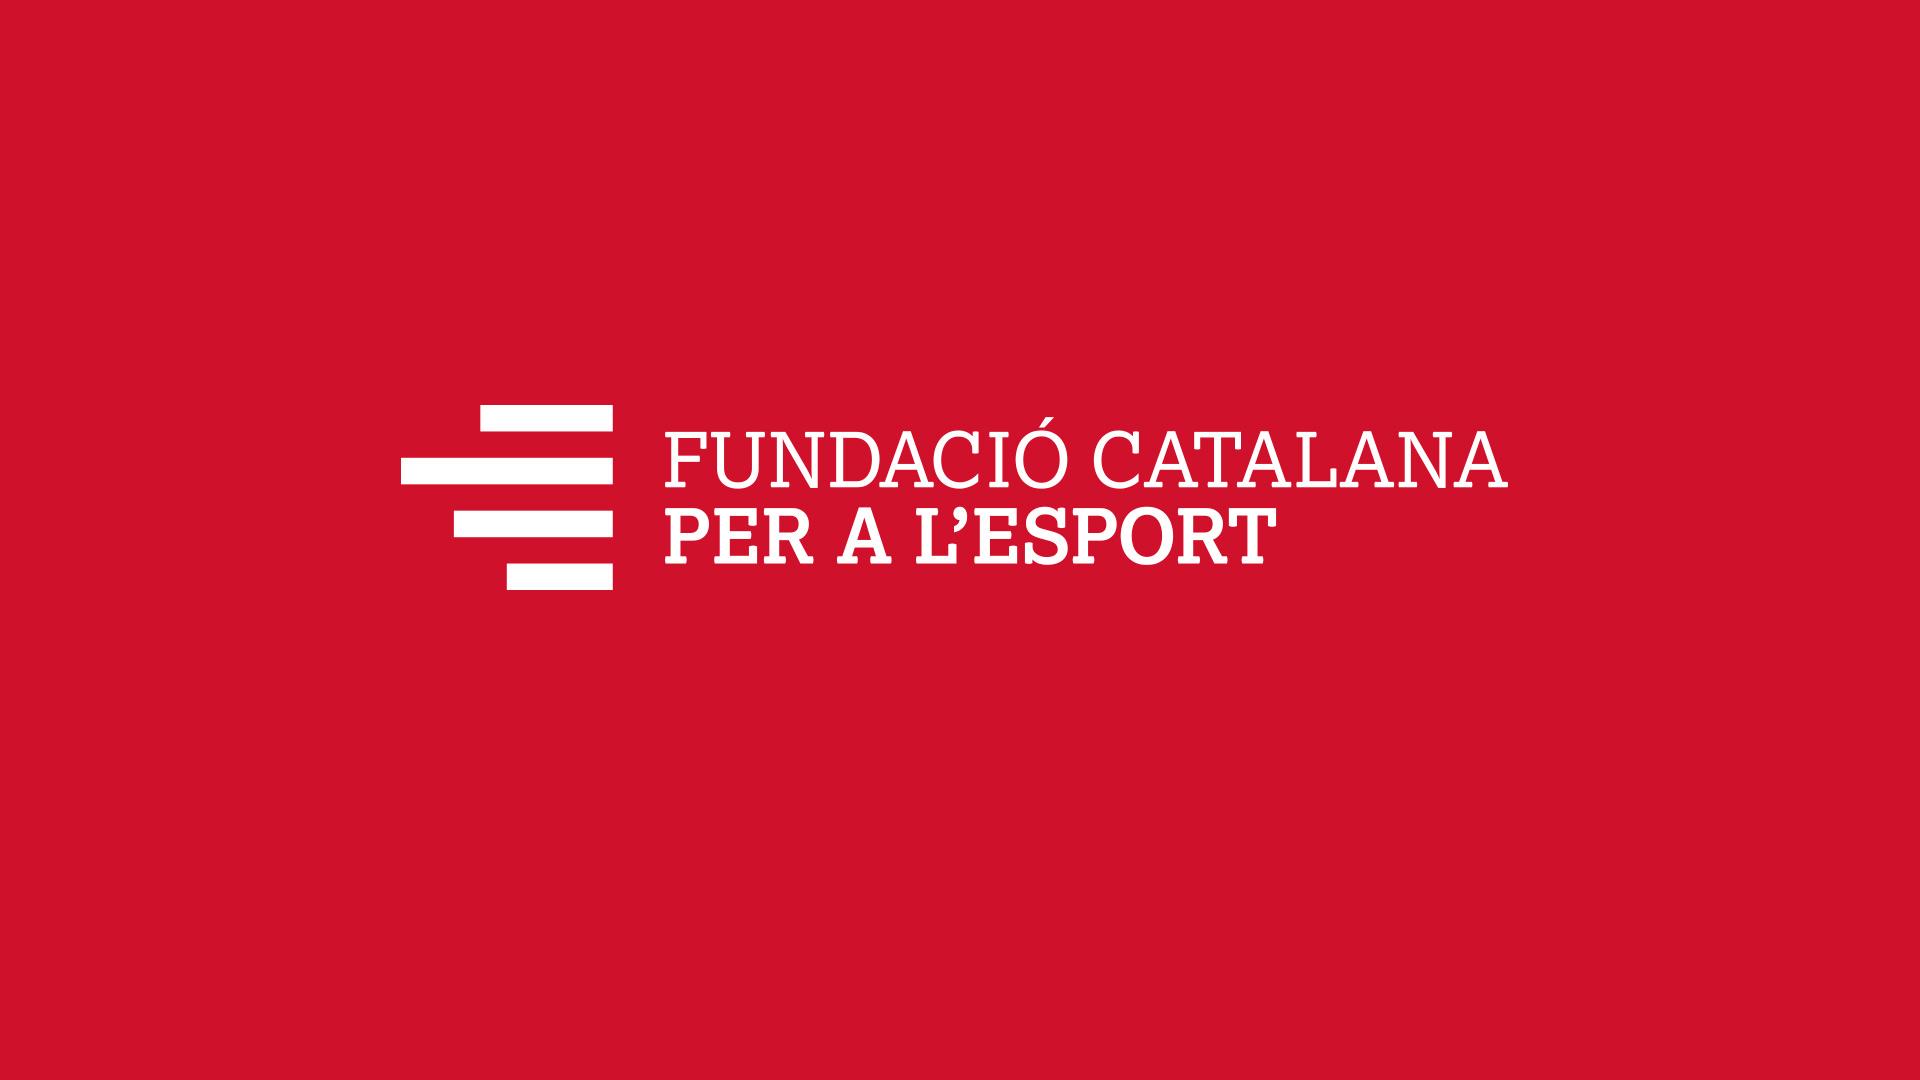 Diseño marca e identidad corporativa Fundació Catalana per a l'Esport - Marca